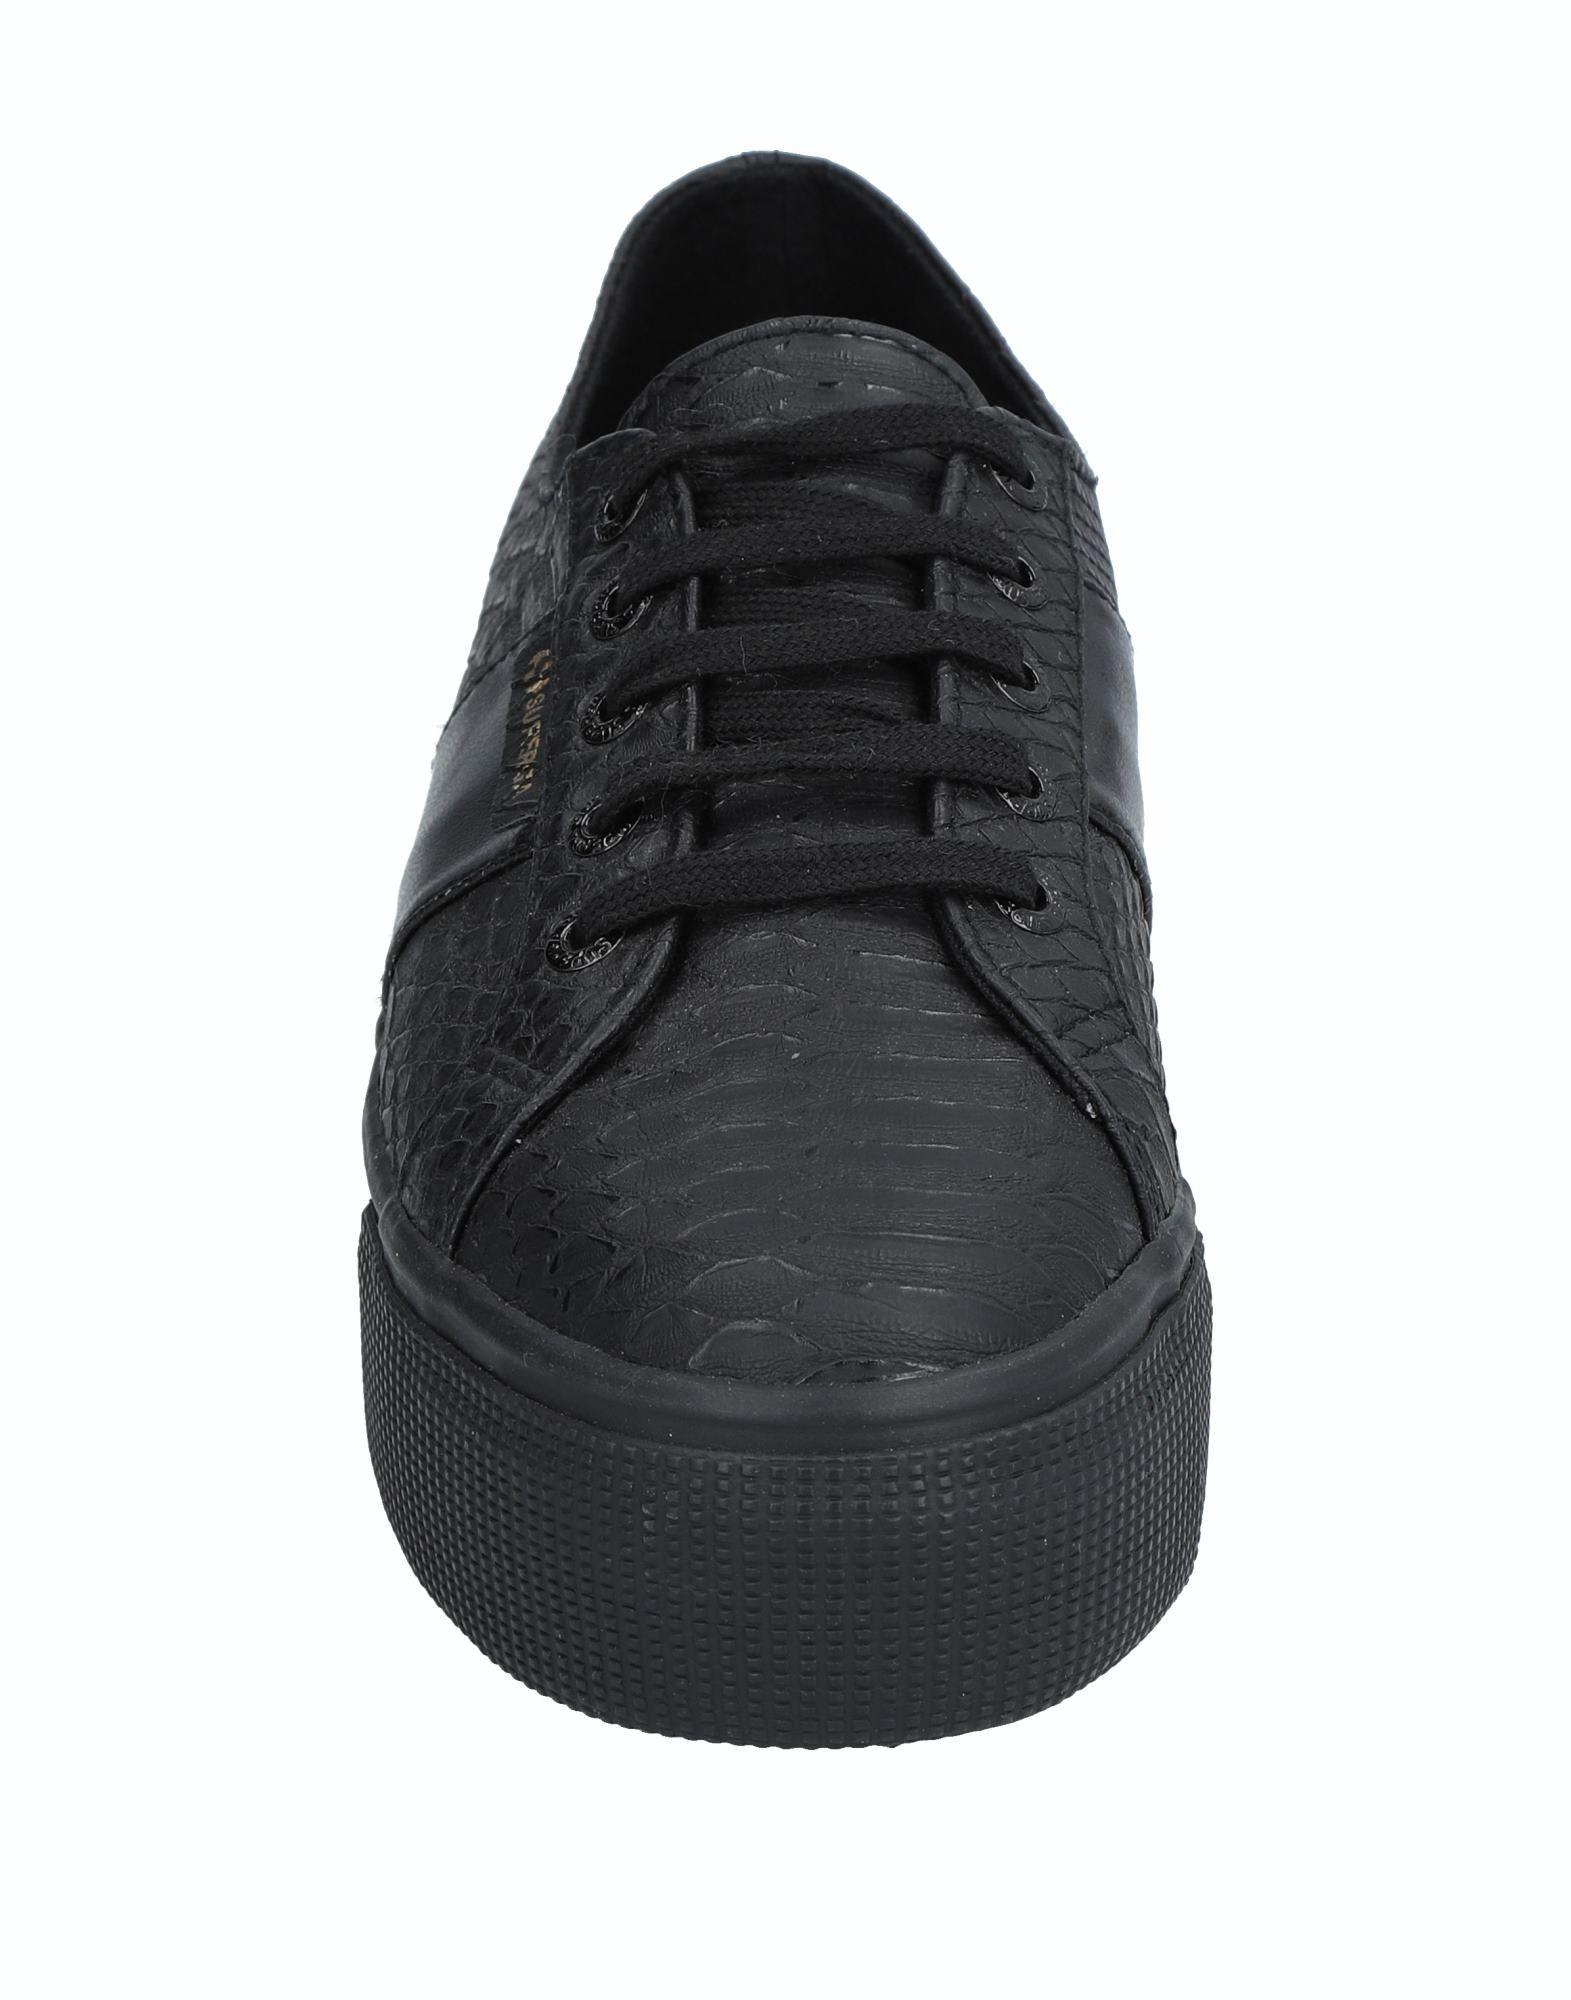 Superga® Sneakers Damen Heiße  11538108AH Heiße Damen Schuhe 541ecd